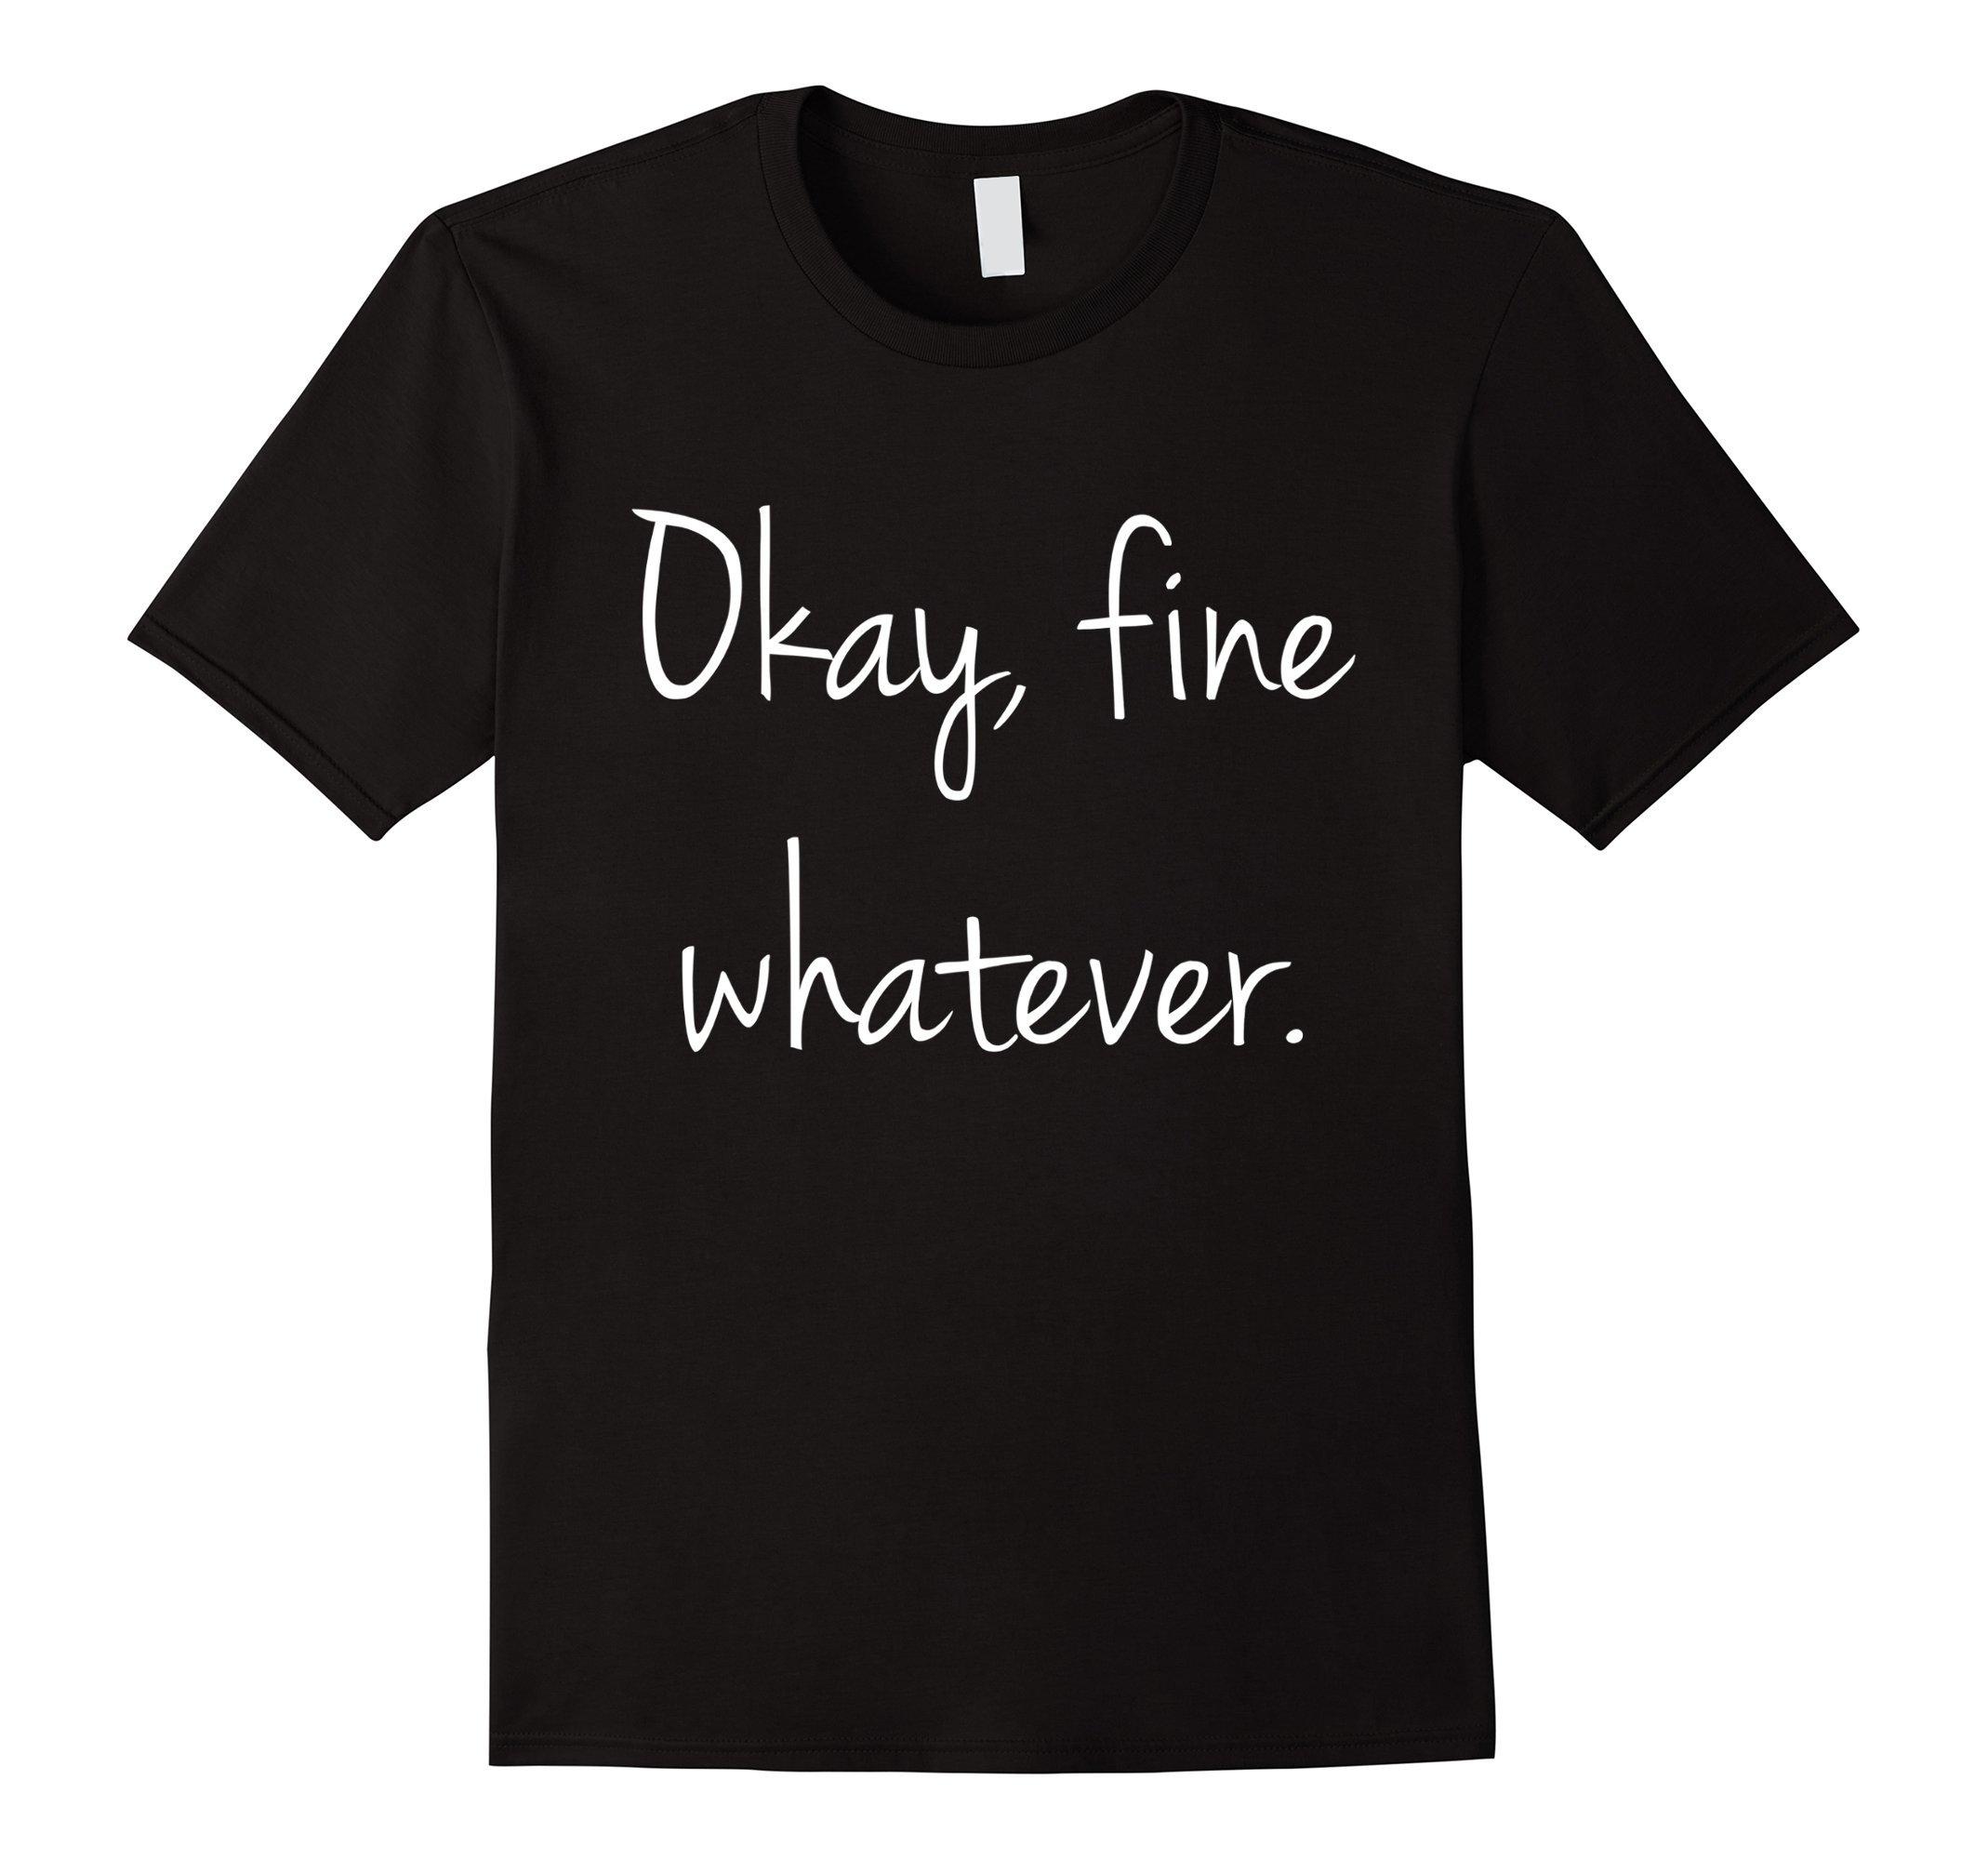 Mens Okay, fine. Whatever T-shirt XL Black